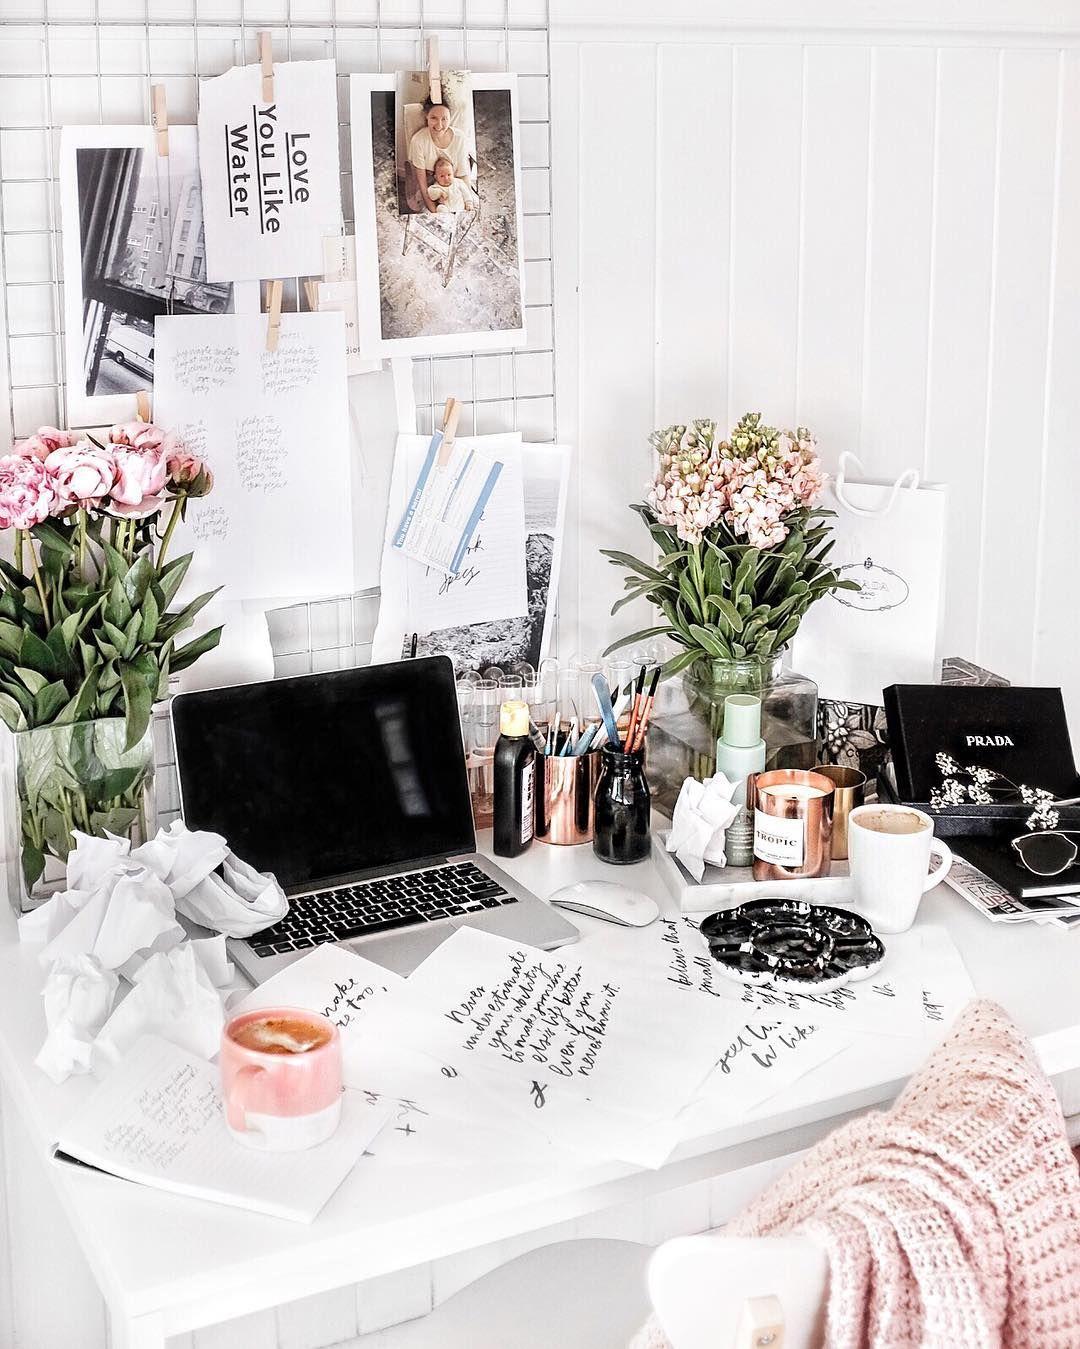 brisbane au letterer blogger creative jasminedowling jasmine dowling dorm room. Black Bedroom Furniture Sets. Home Design Ideas